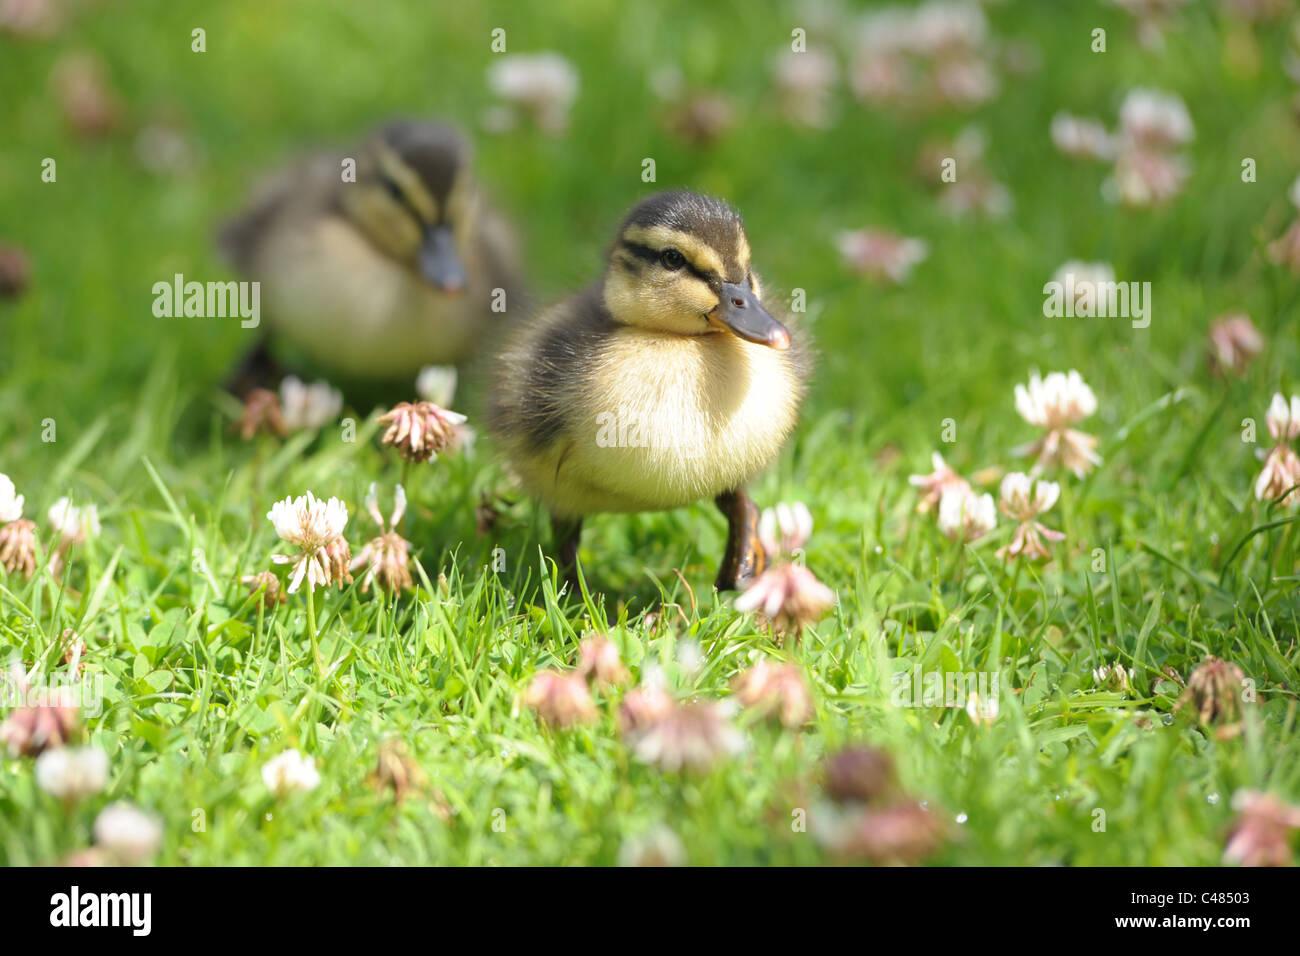 Una chiusura di una coppia di carino, baby anatroccoli camminare attraverso l'erba.... Immagini Stock